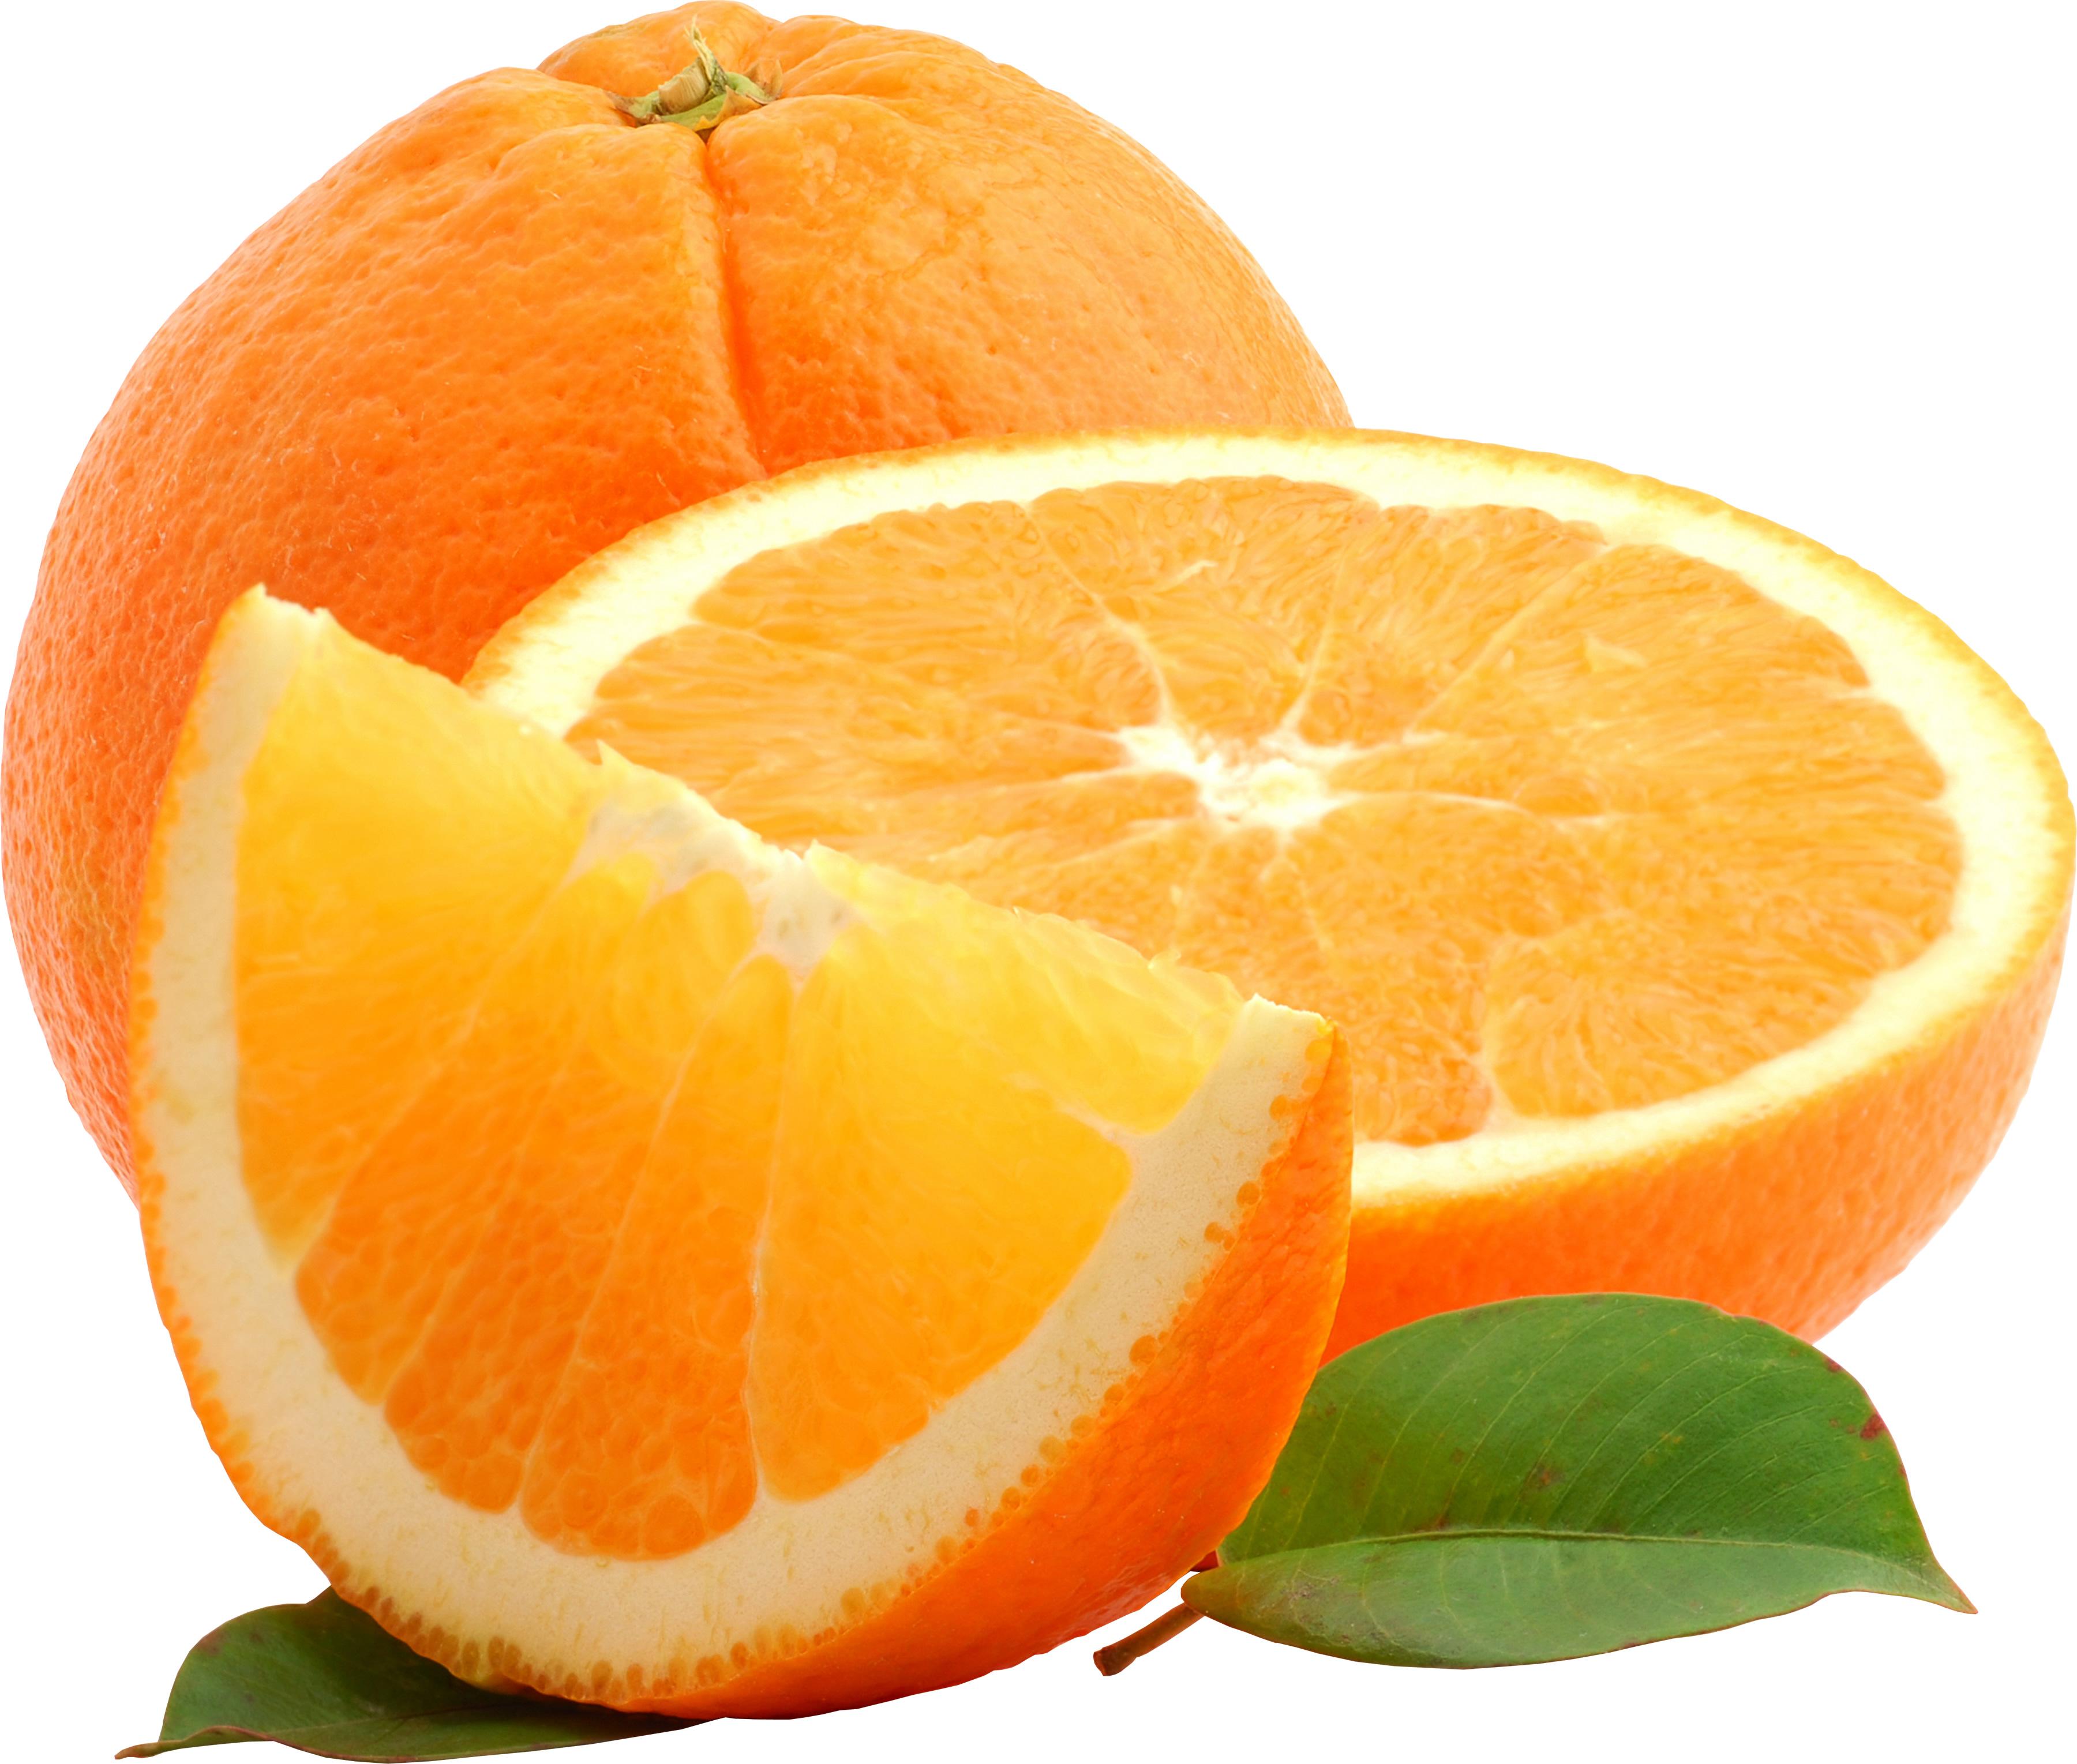 Orange Clipart & Orange Clip Art Images.